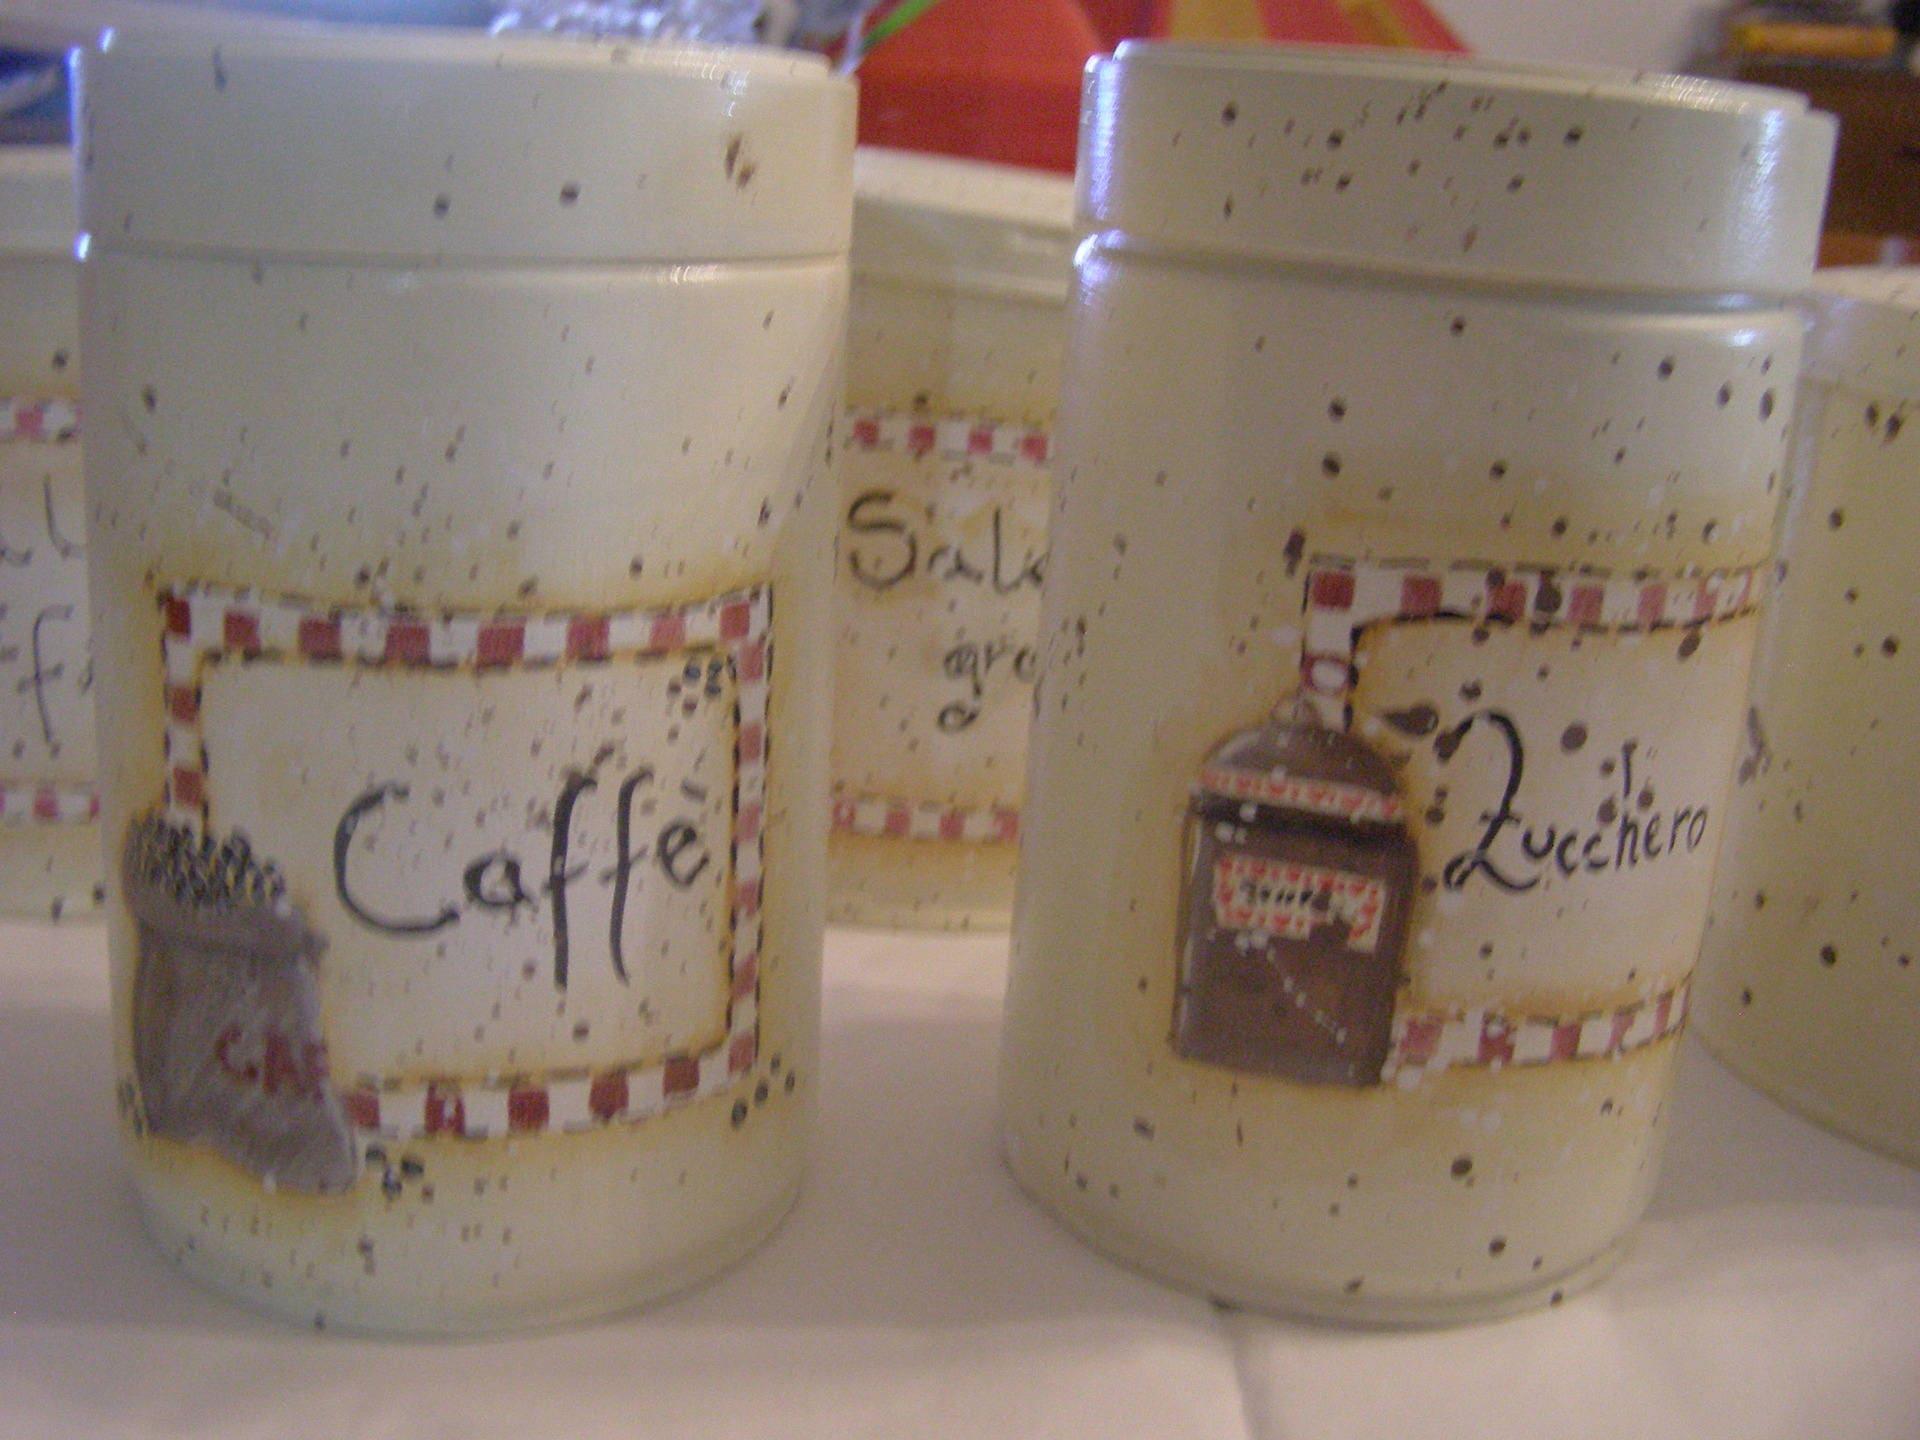 Barattoli di latta porta sale zucchero e caff for Porta zucchero caffe sale